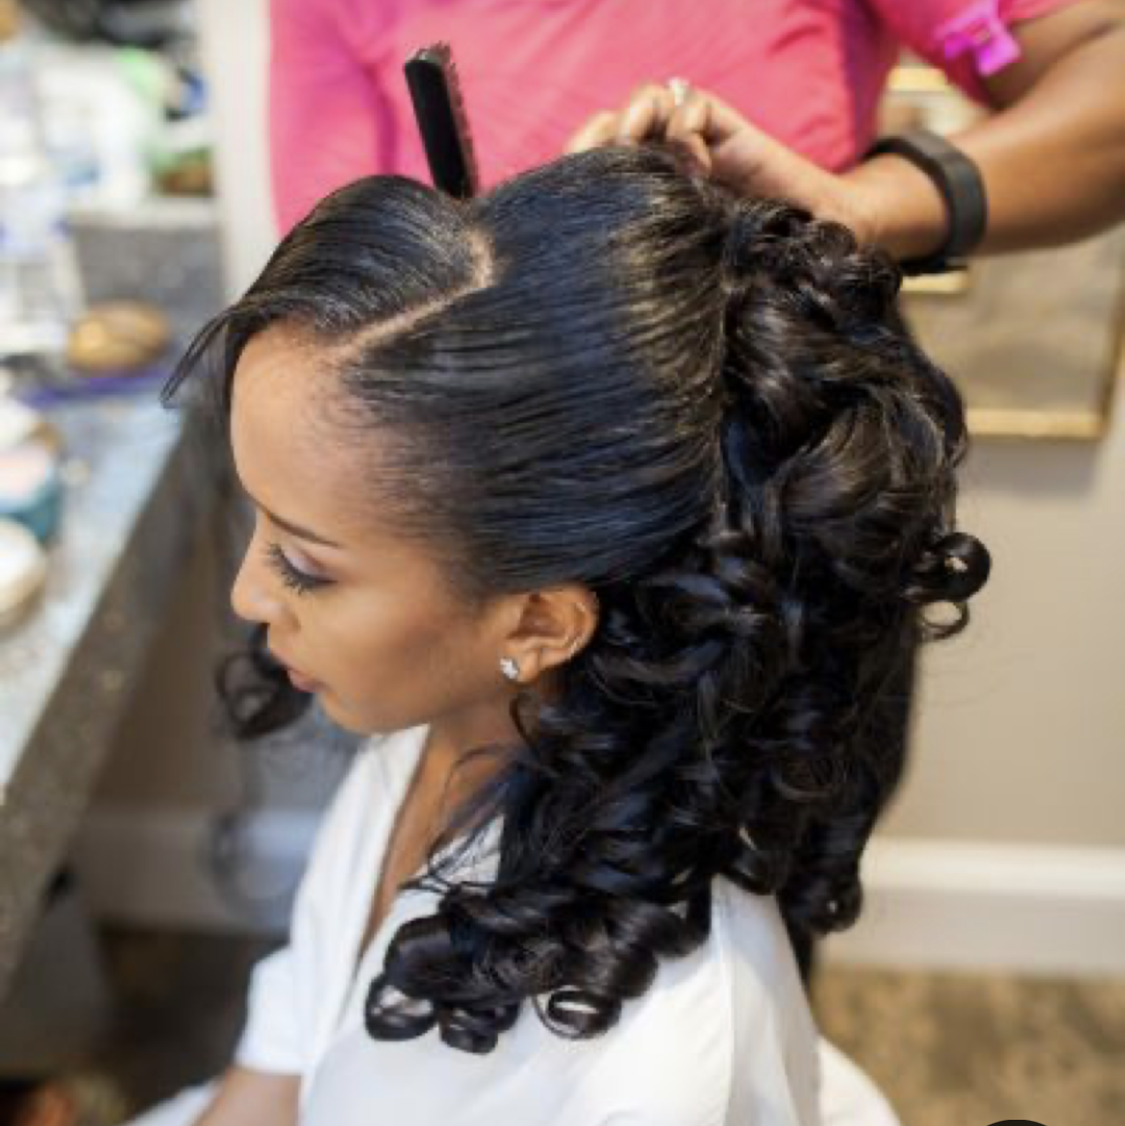 salon de coiffure afro tresse tresses box braids crochet braids vanilles tissages paris 75 77 78 91 92 93 94 95 TDDUYSCR